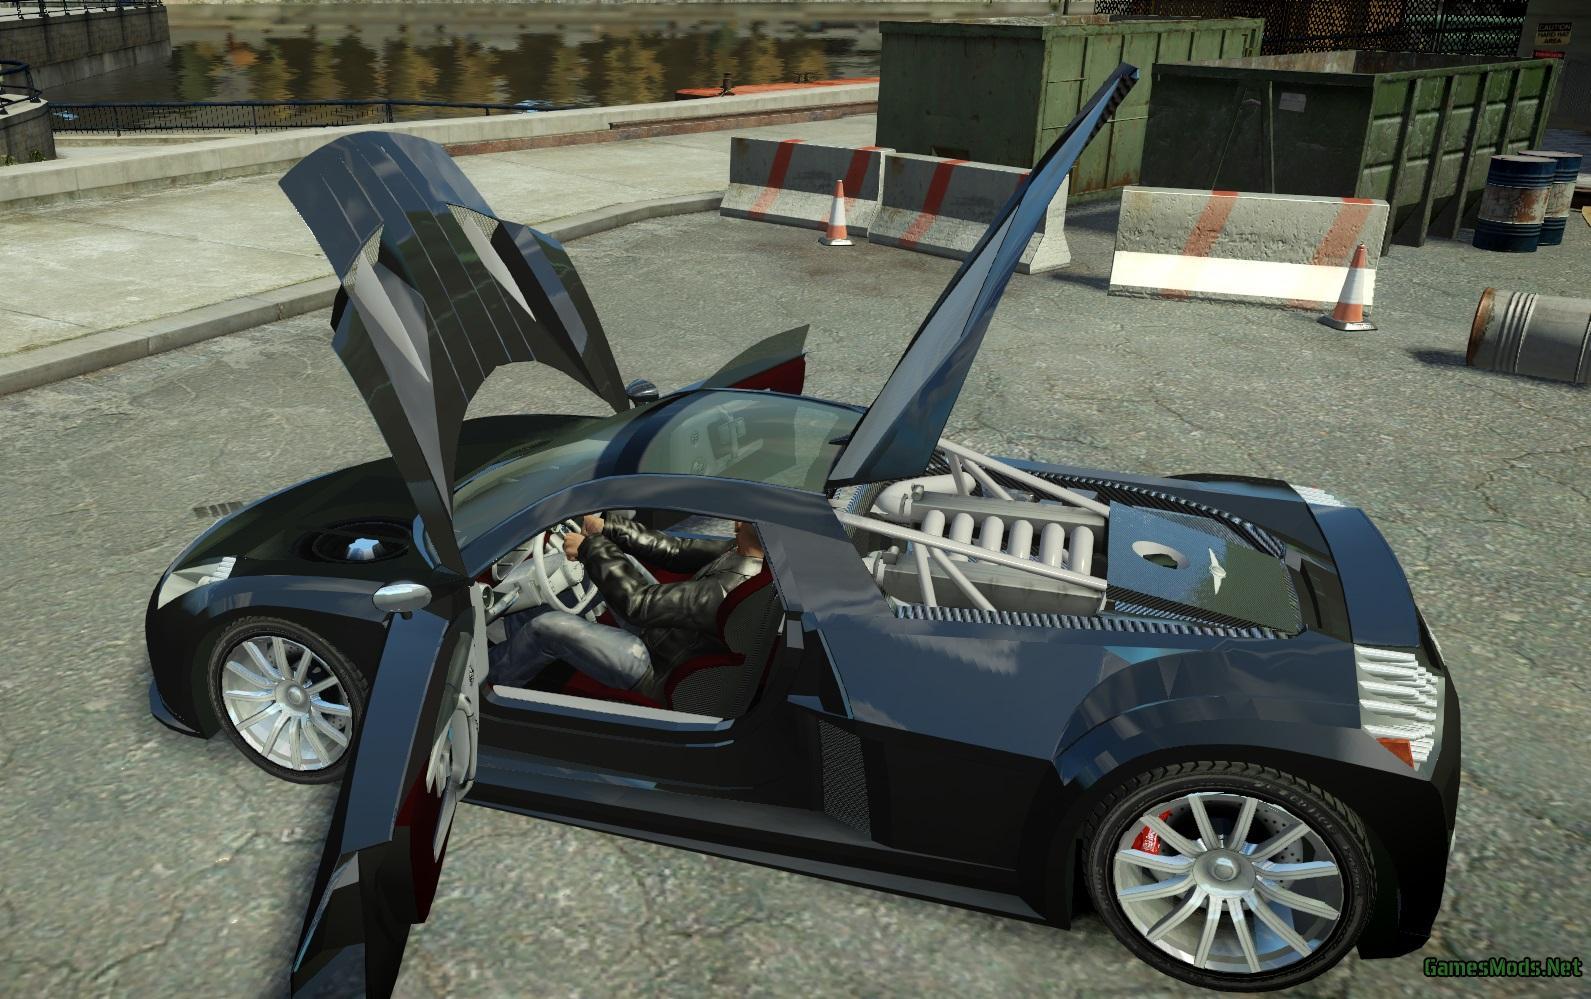 Chrysler ME-Four-Twelve [EPM] » GamesMods.net - FS17, CNC, FS15, ETS on chrysler me 412 engine, chrysler a engine, chrysler howler, chrysler woody, chrysler ccv, chrysler c body, chrysler patriot, chrysler me 412 specifications, chrysler me 412 top speed, chrysler prowler, chrysler dealer locator, chrysler sedan delivery, chrysler touring, chrysler mini van, chrysler starion, chrysler sebring, chrysler me 412 wallpaper, chrysler hhr,